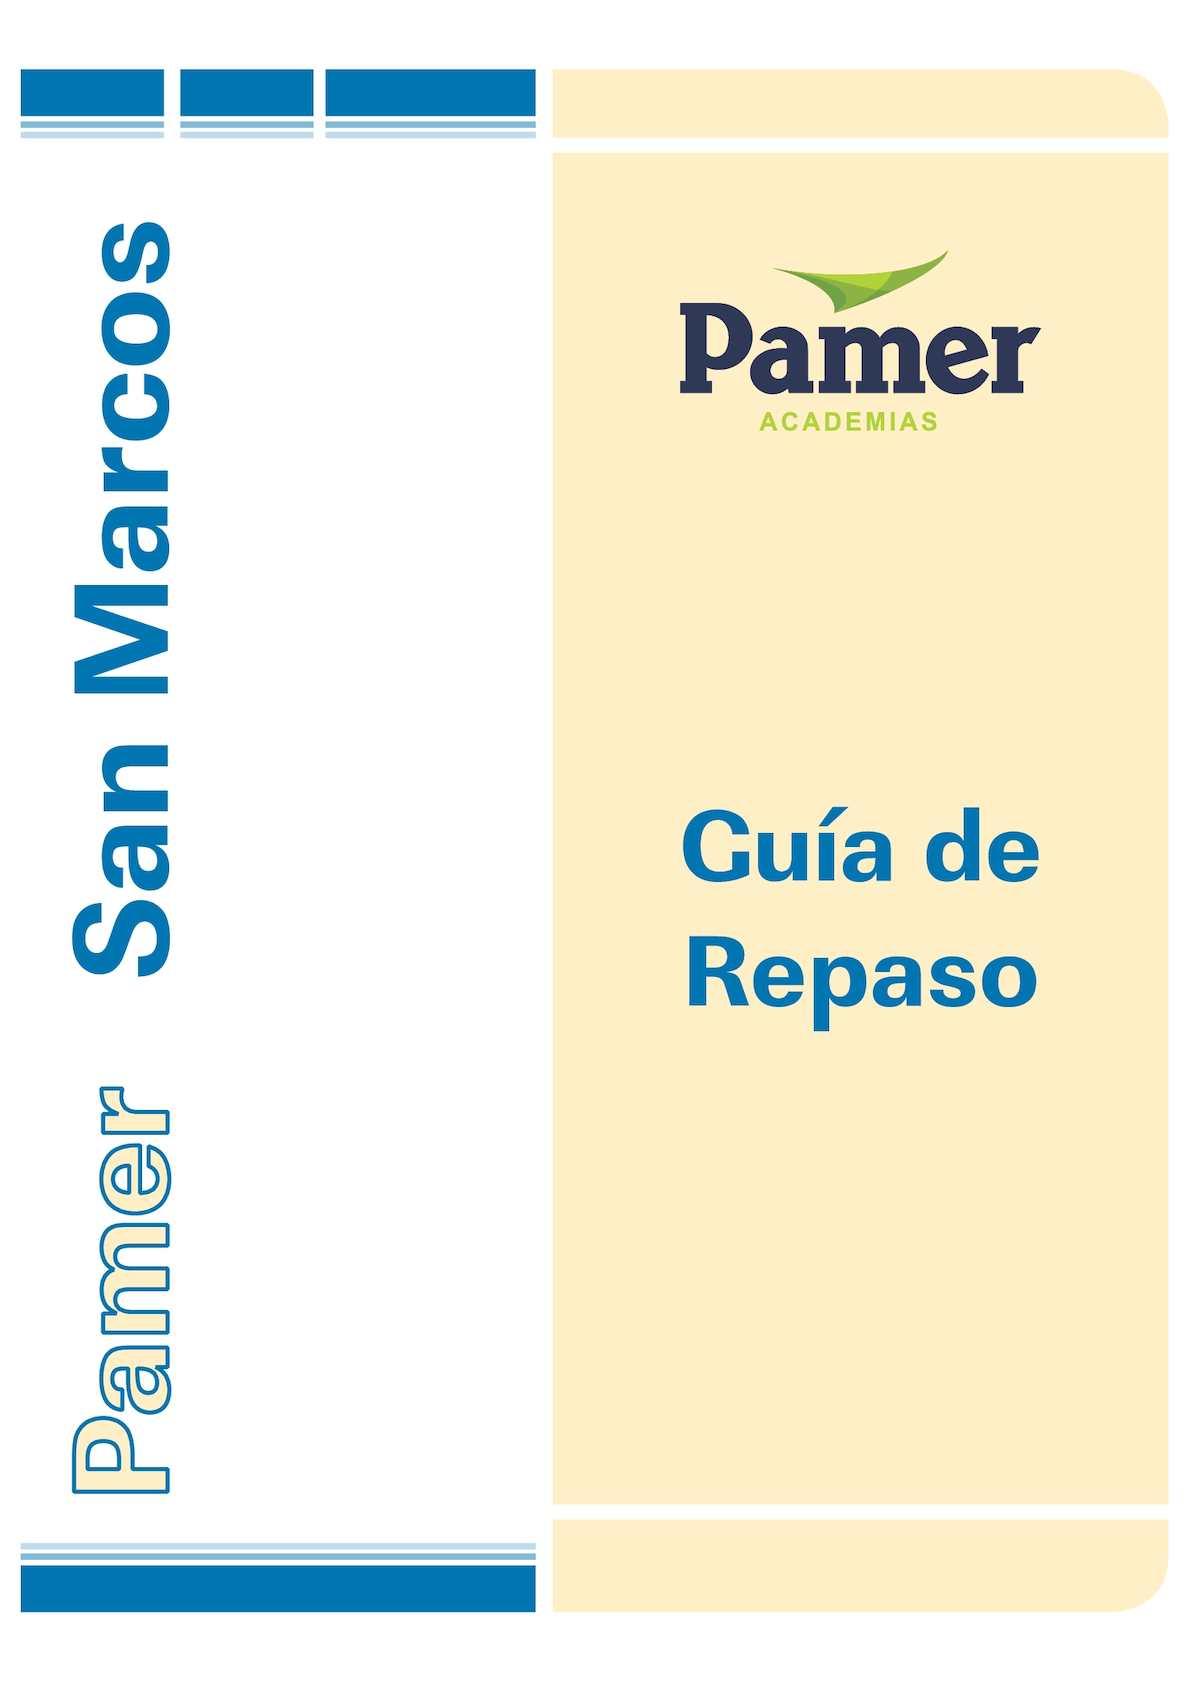 Calaméo - RM REPASO PAMER 2015 San Marcos Con Clave